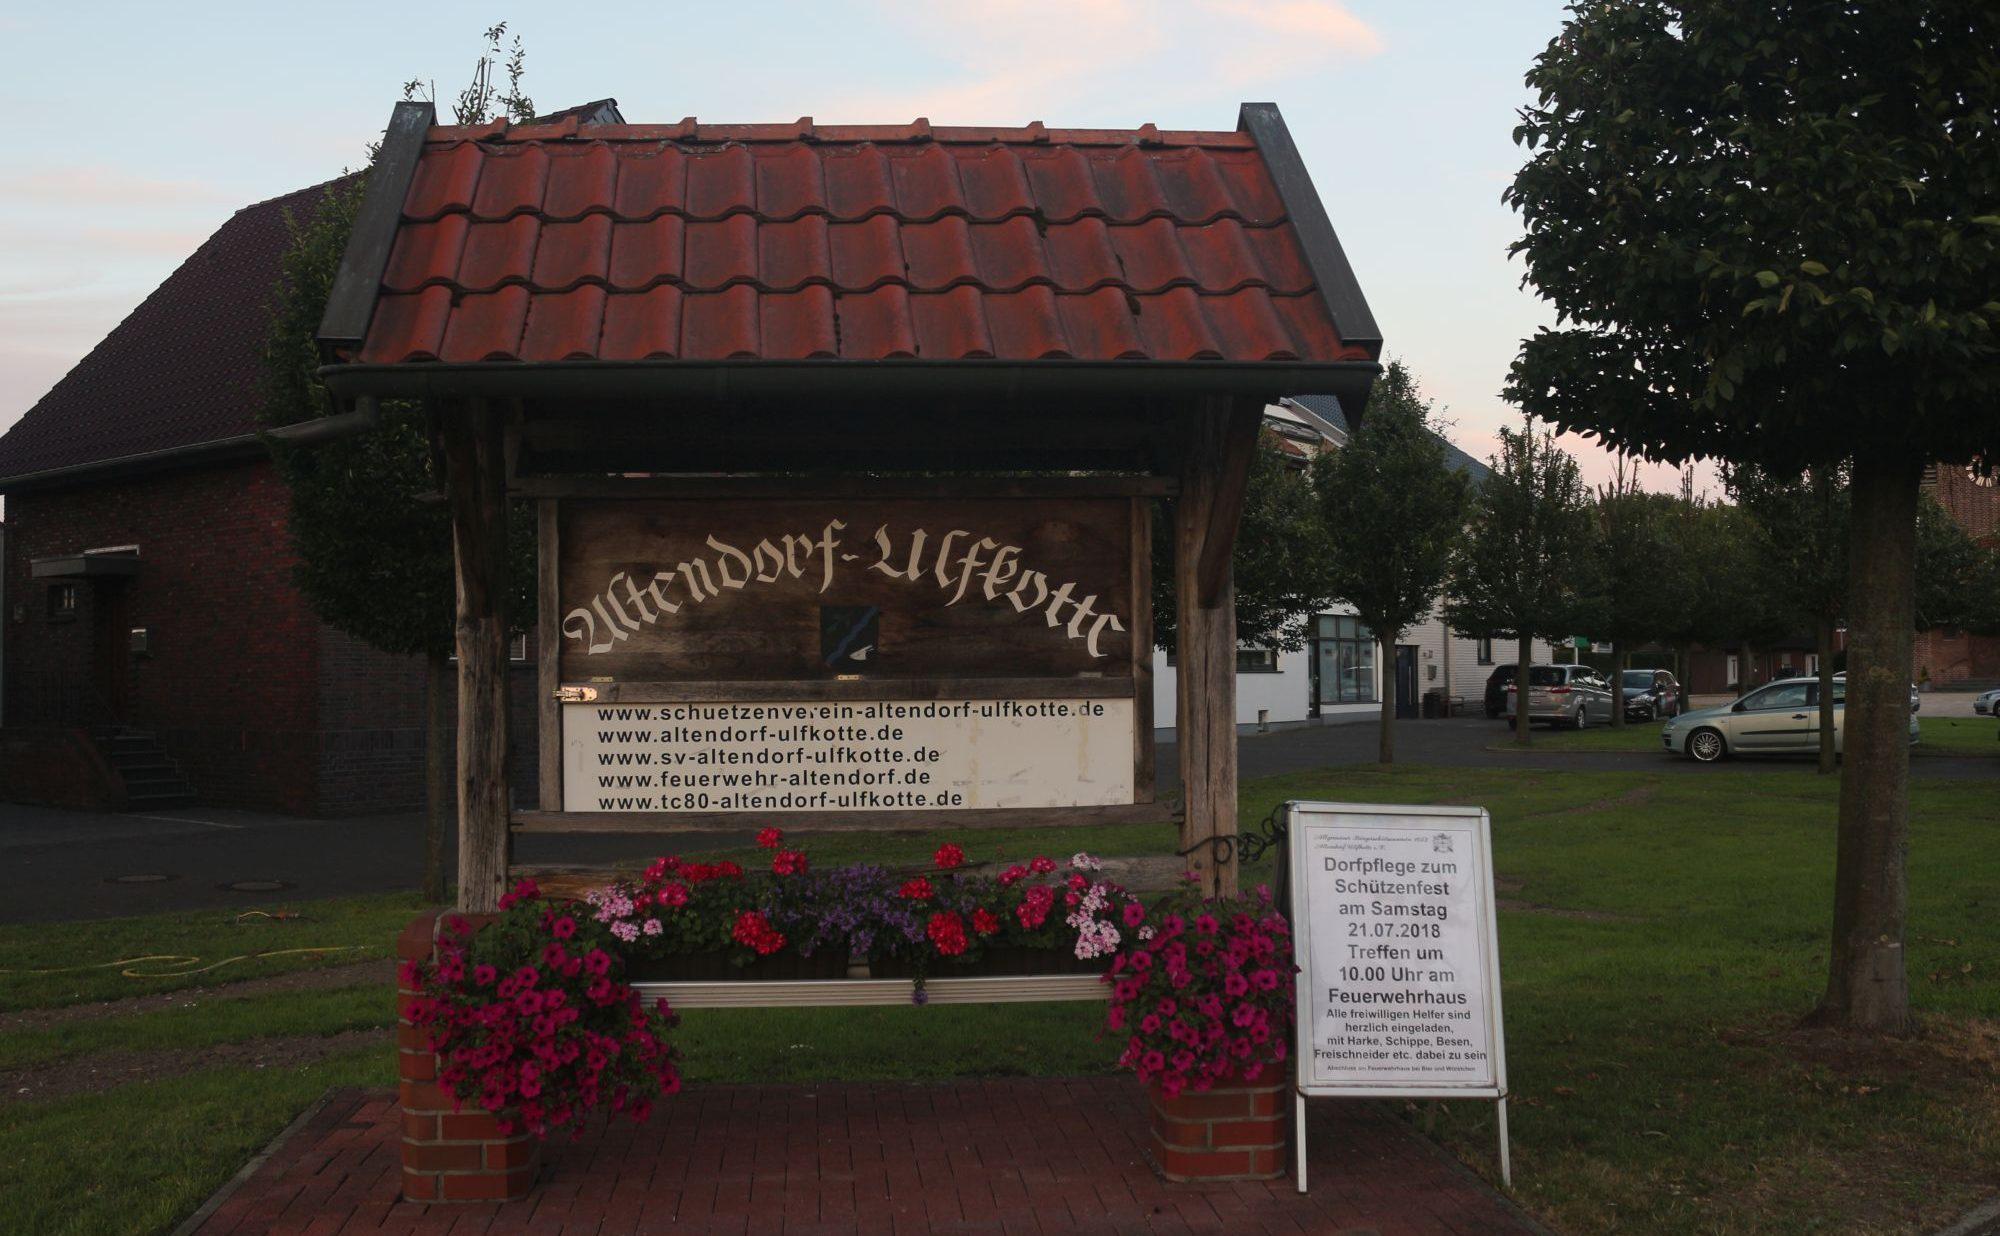 Altendorf-Ulfkotte